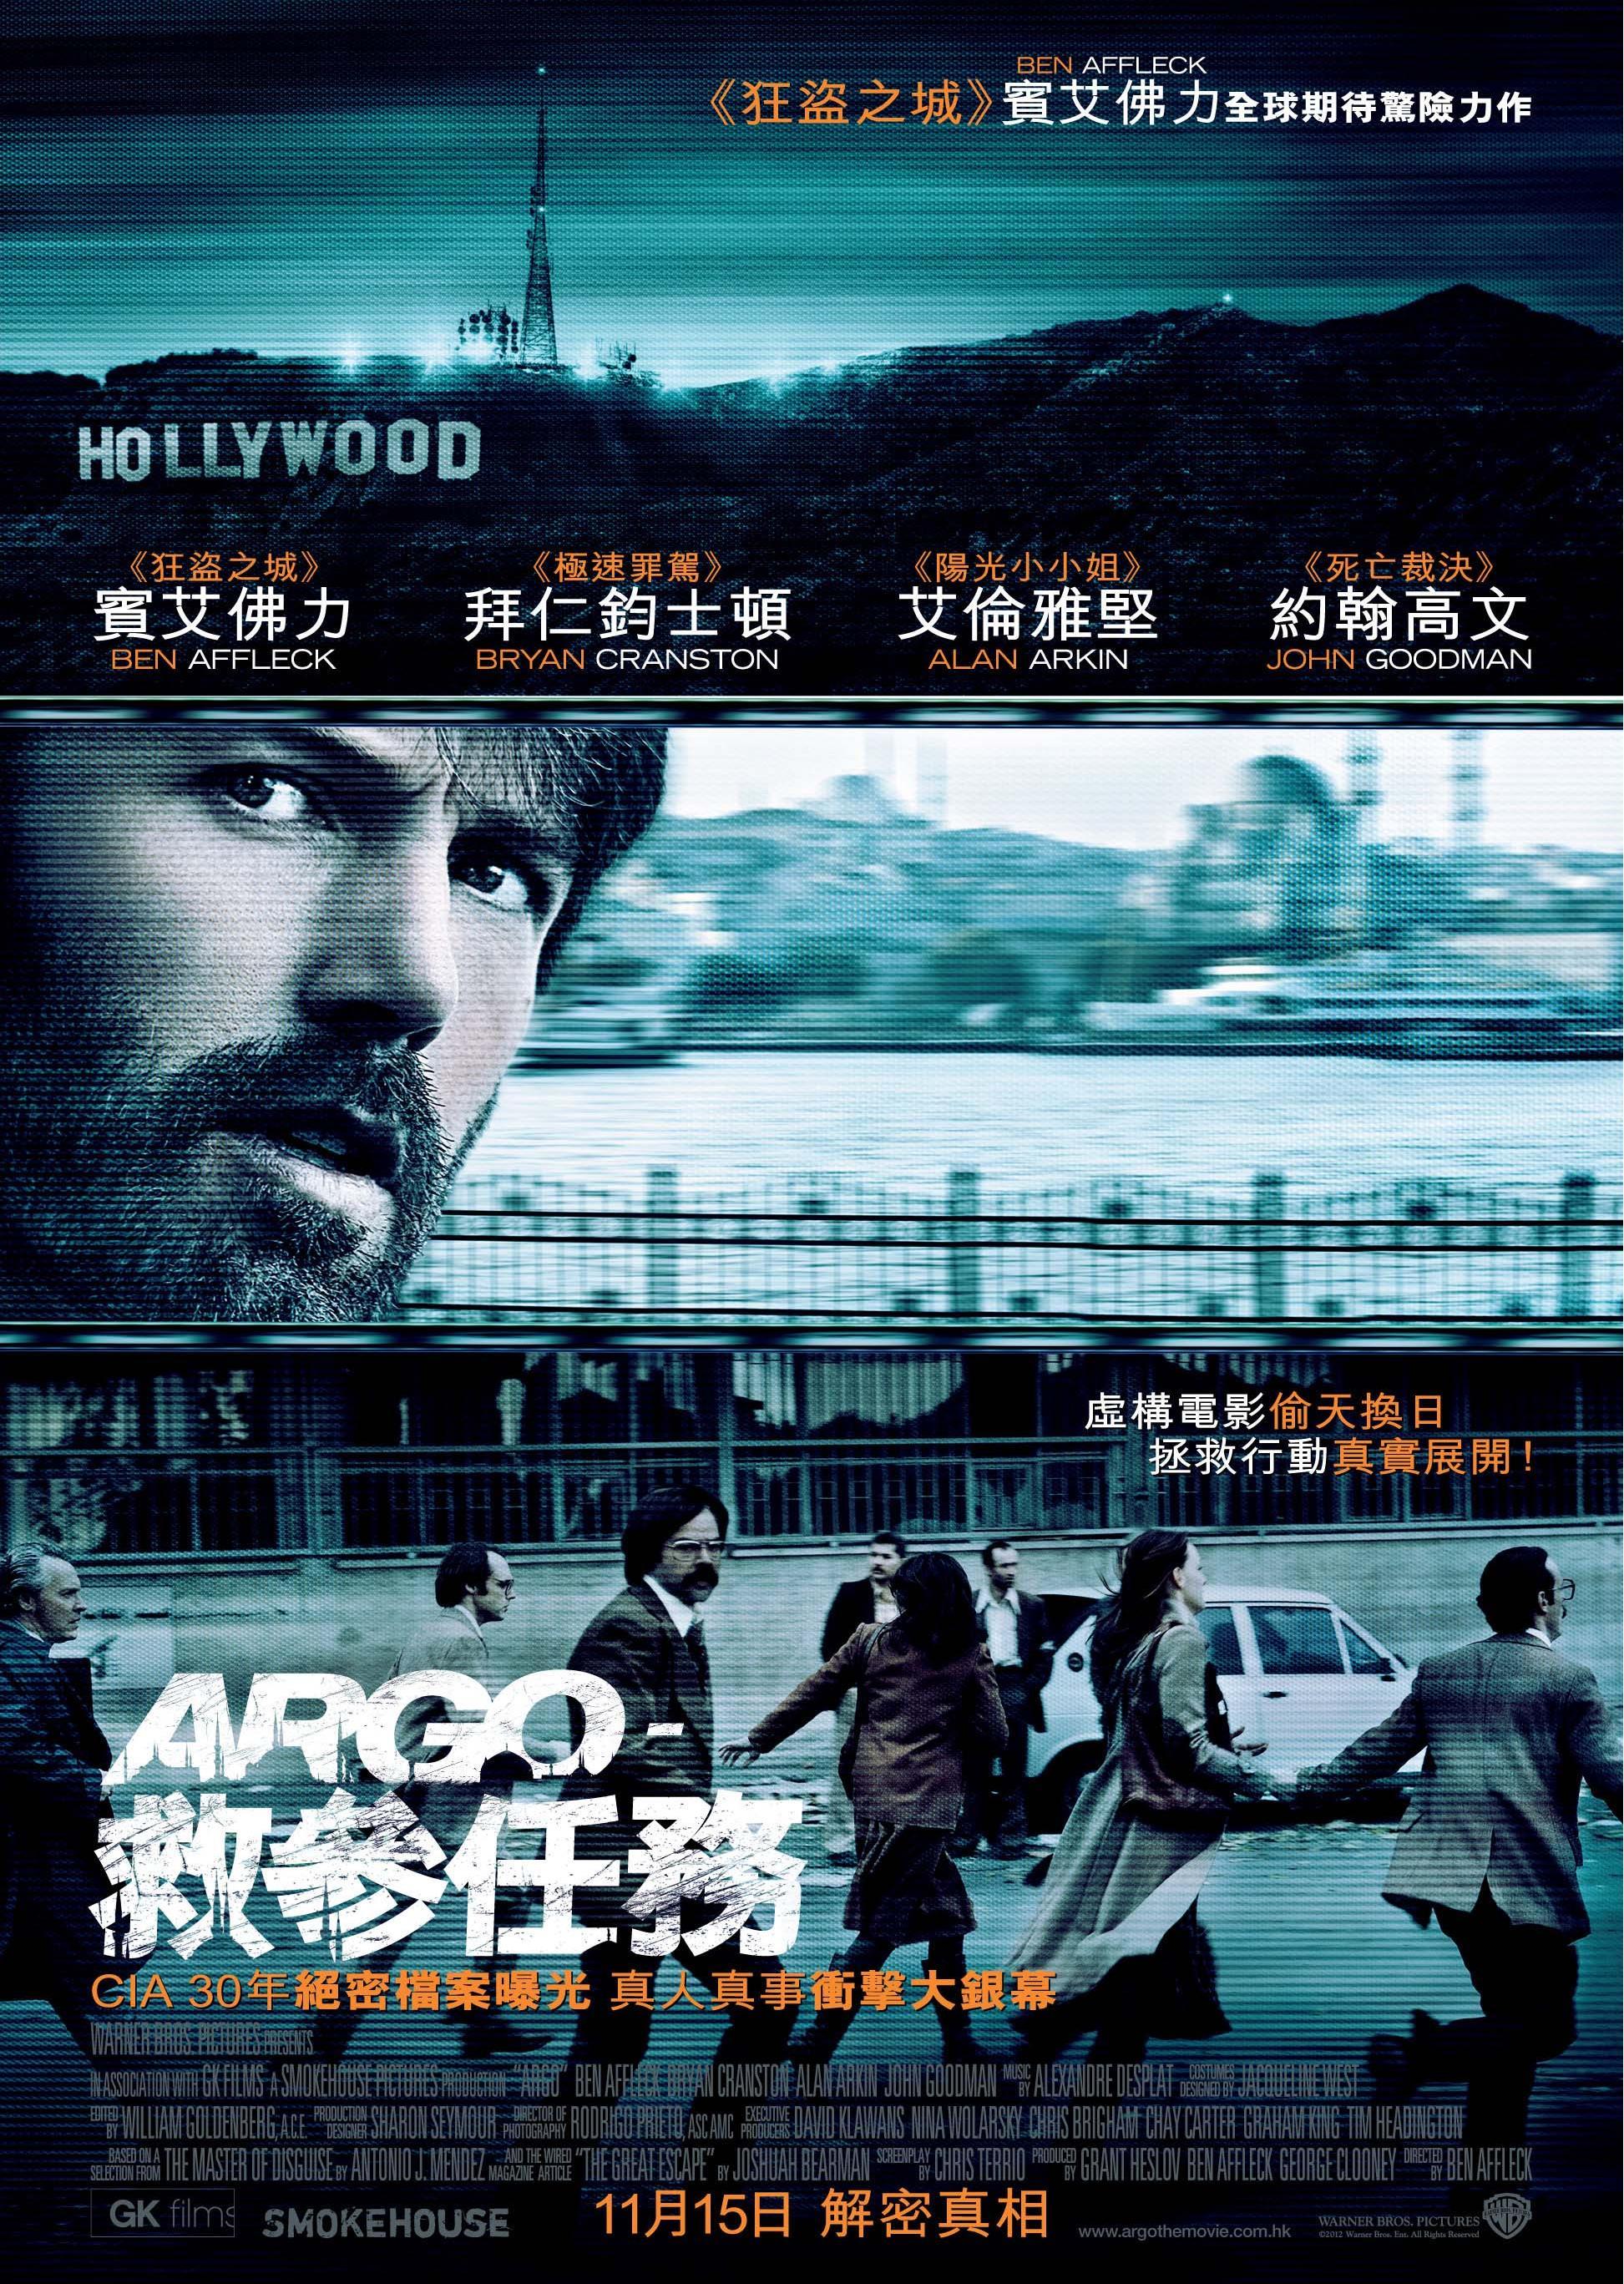 Argo 救參任務 / 逃离德黑兰 / 亞果出任務 (2012) - USA